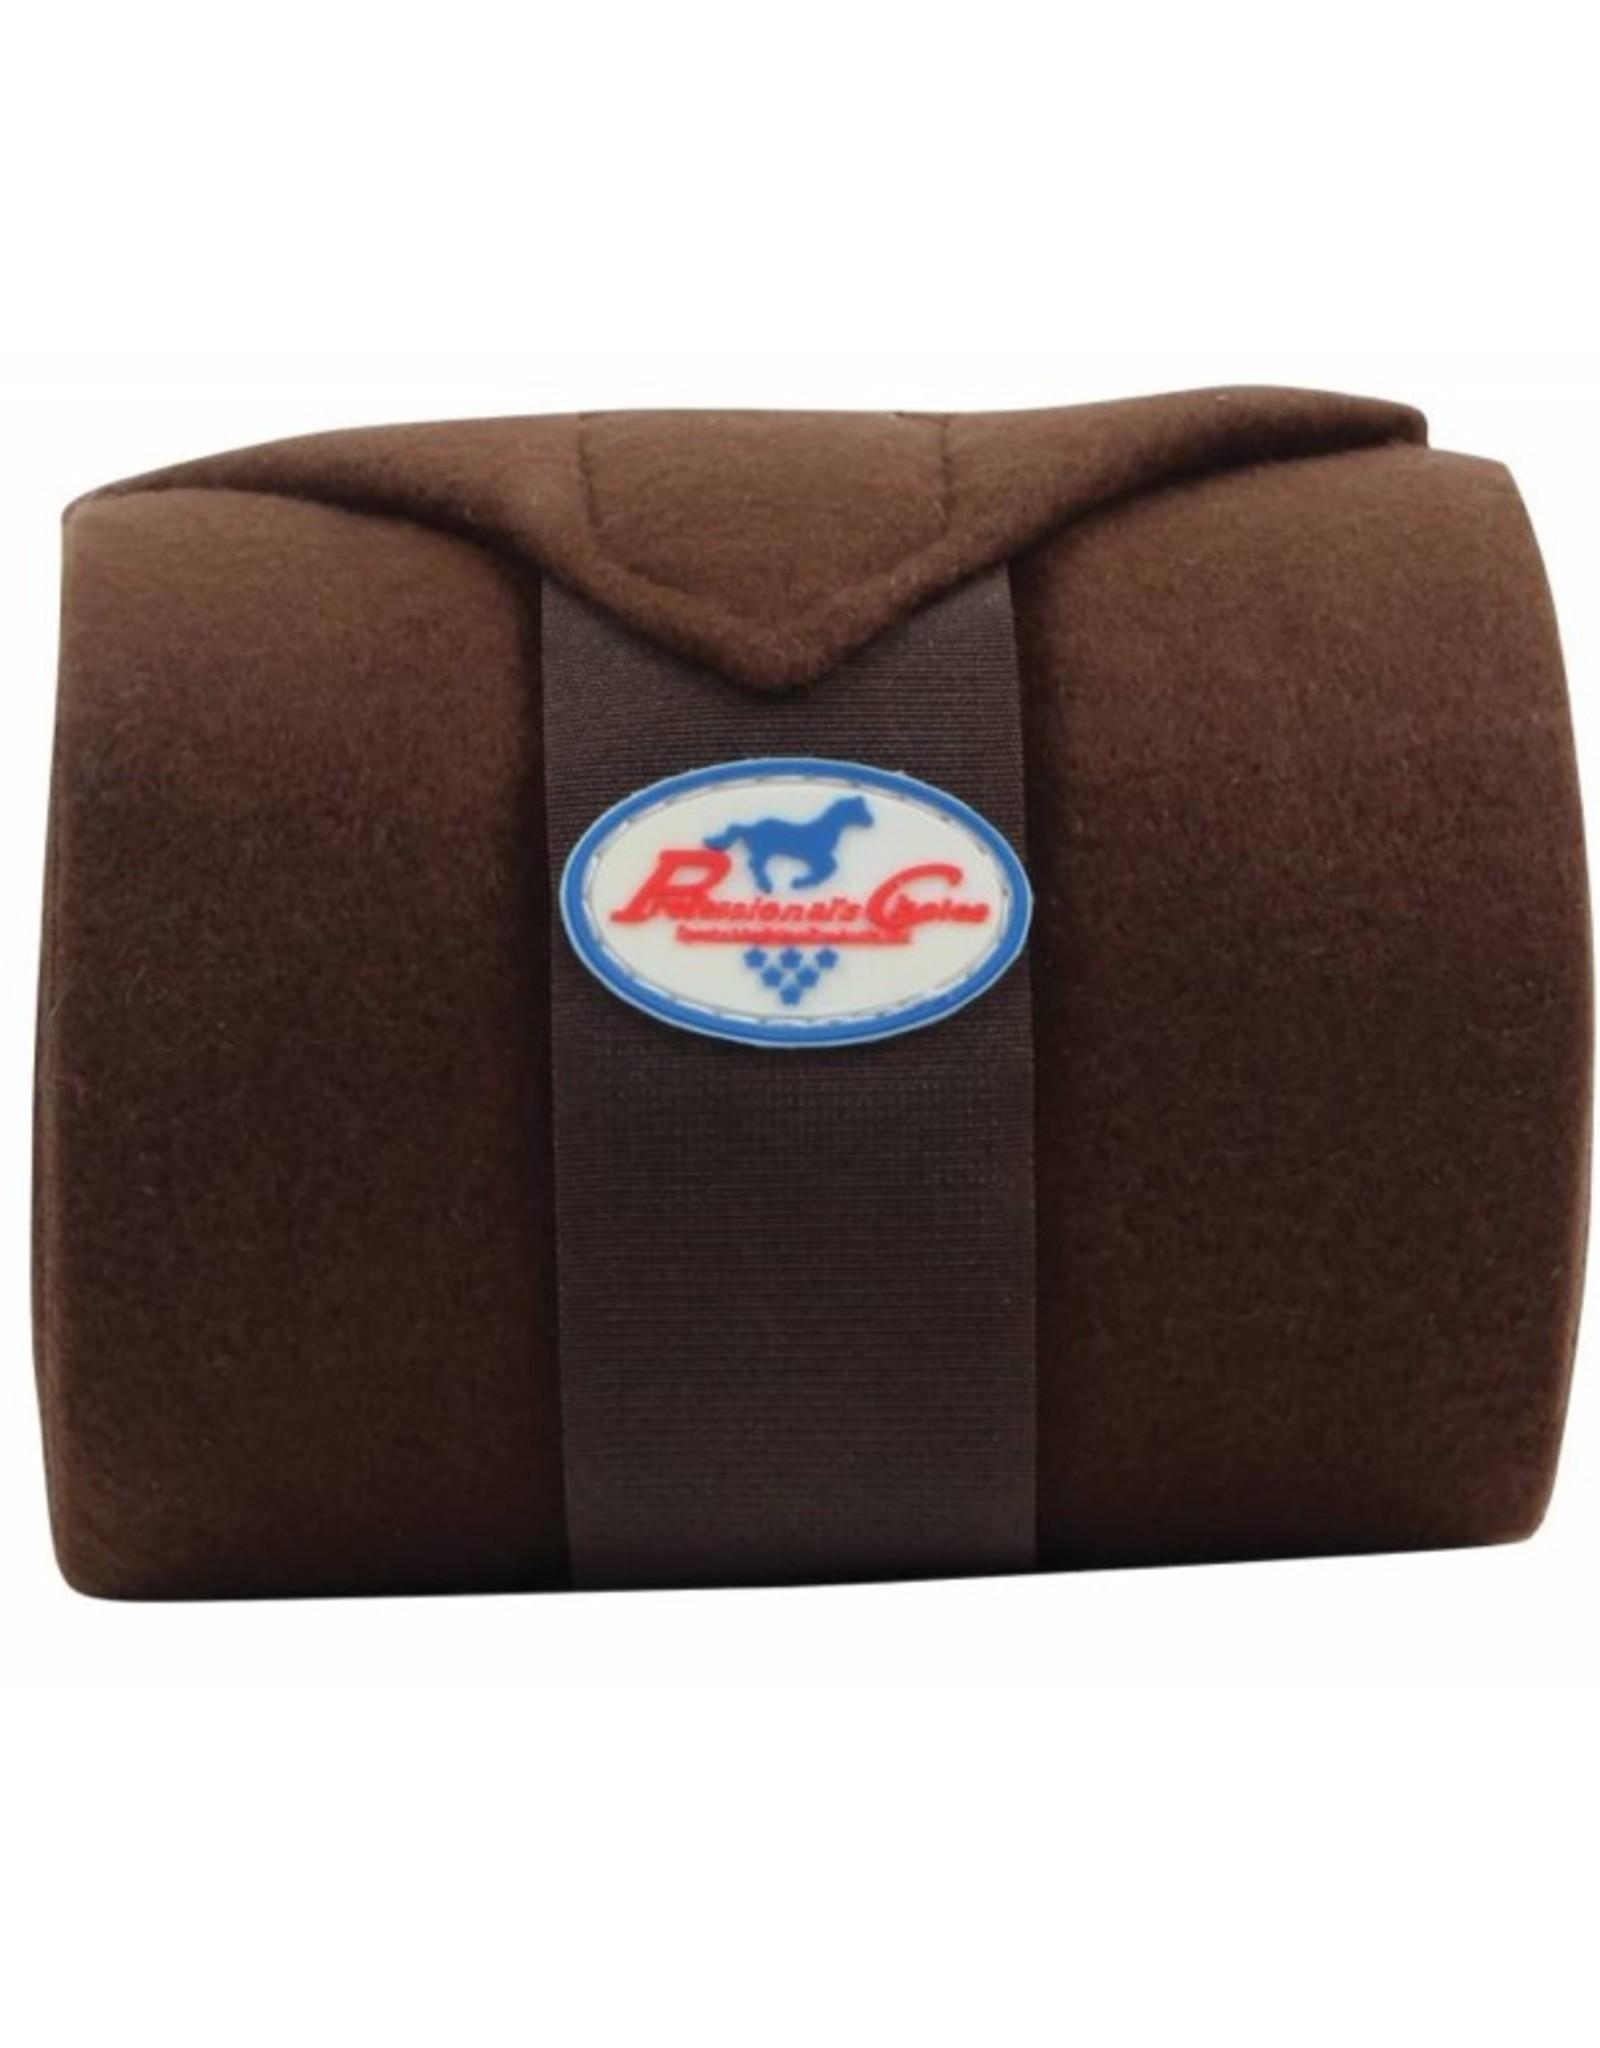 Professional's Choice Polo Wraps Set/4